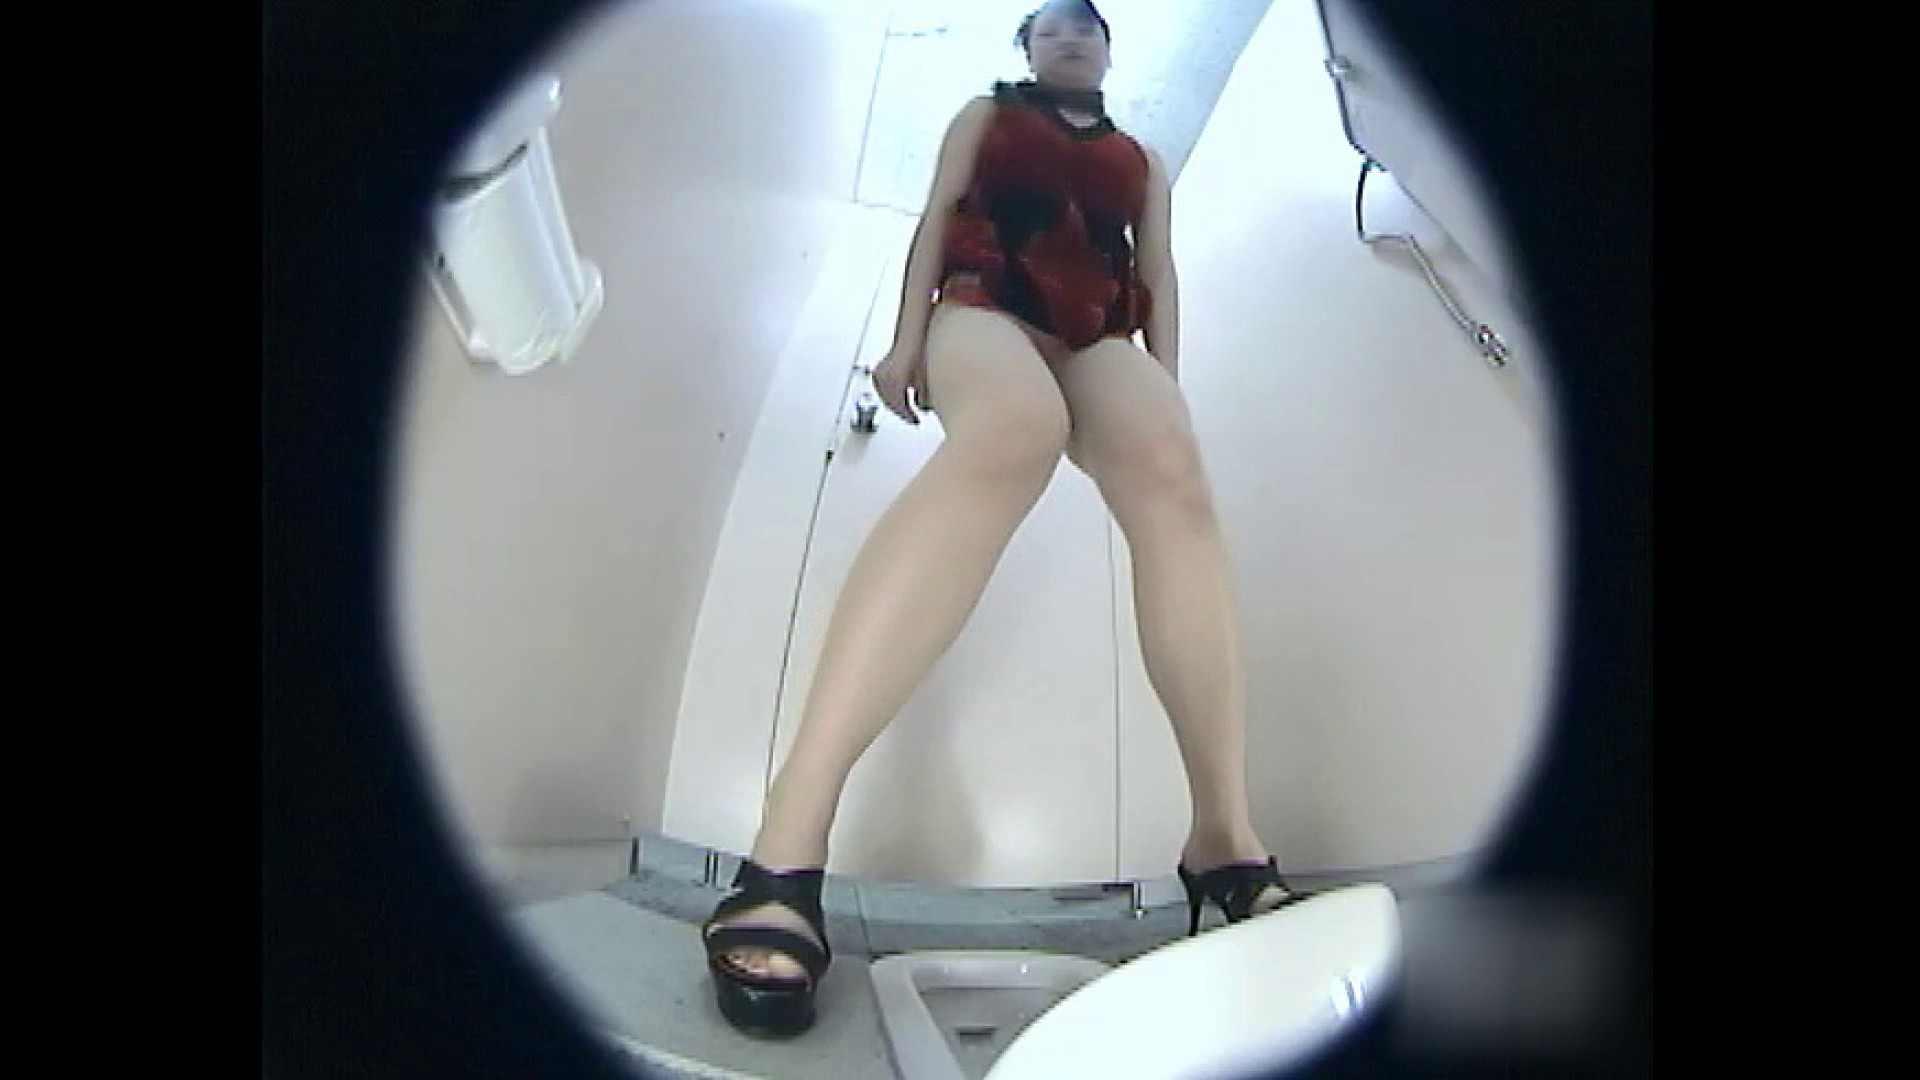 レースクィーントイレ盗撮!Vol.04 便器 ワレメ無修正動画無料 101枚 31